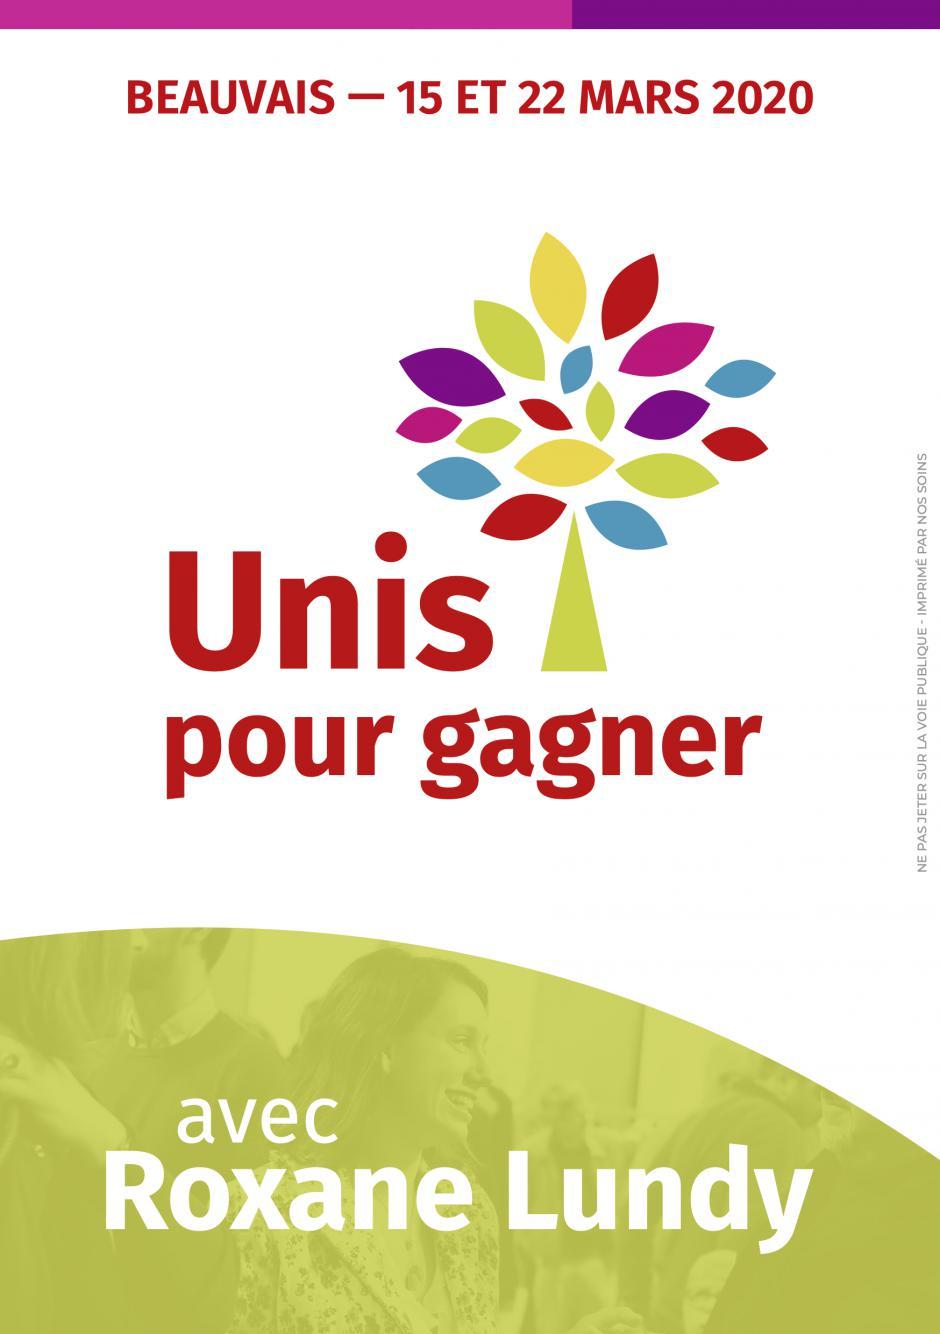 Flyer « Unis pour gagner » - Municipales 2020 à Beauvais, 12 octobre 2019